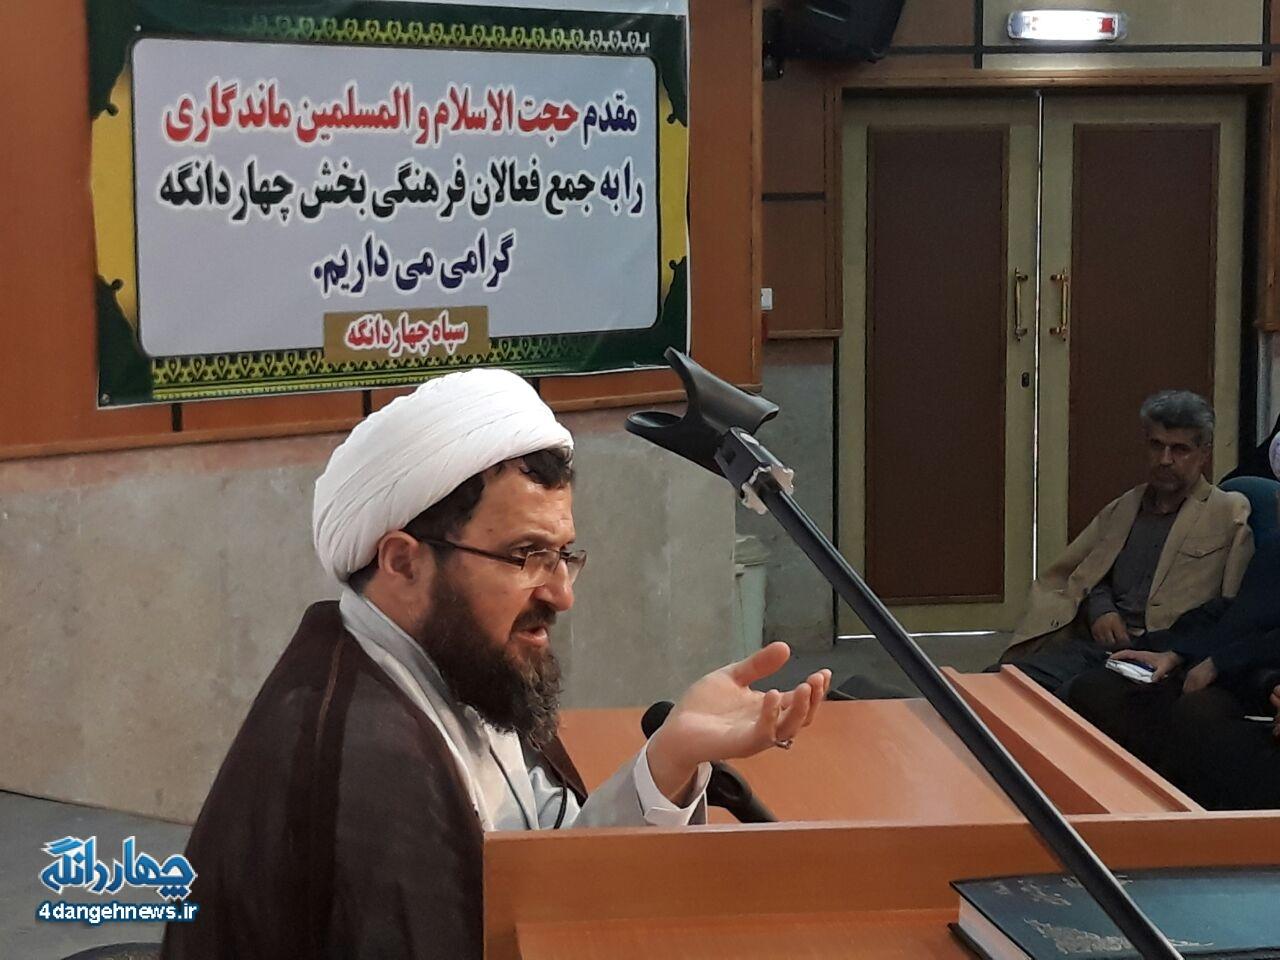 حضور حجت الاسلام ماندگاری در جمع فعالان فرهنگی بخش چهاردانگه + تصاویر